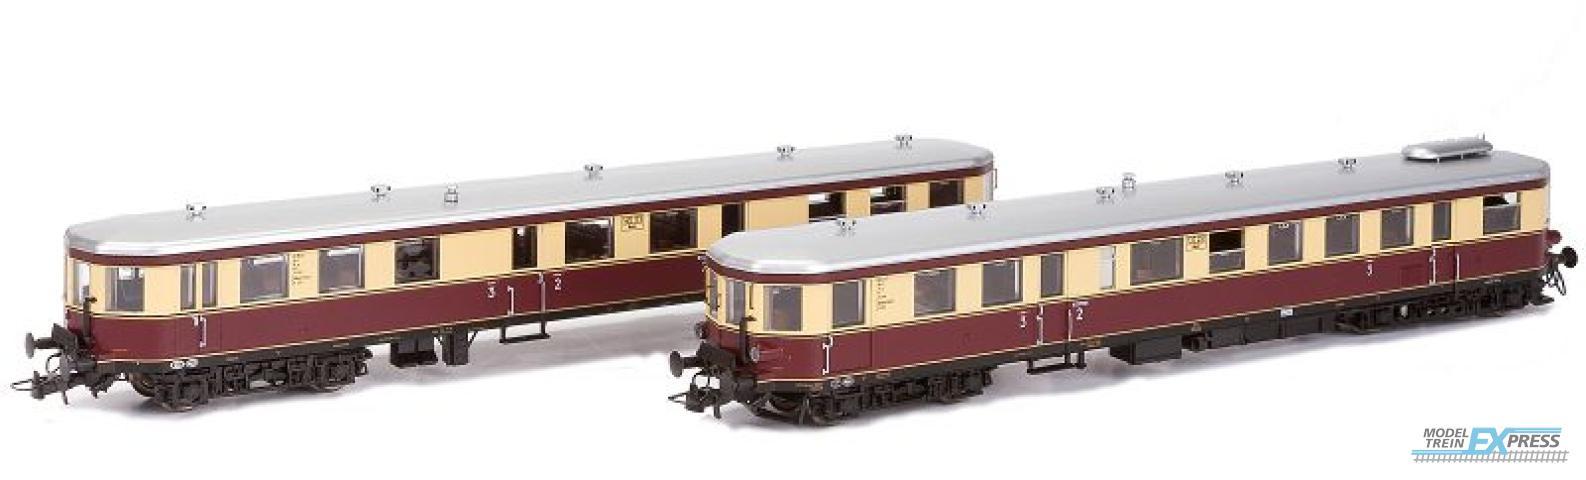 Hobbytrain 303601S